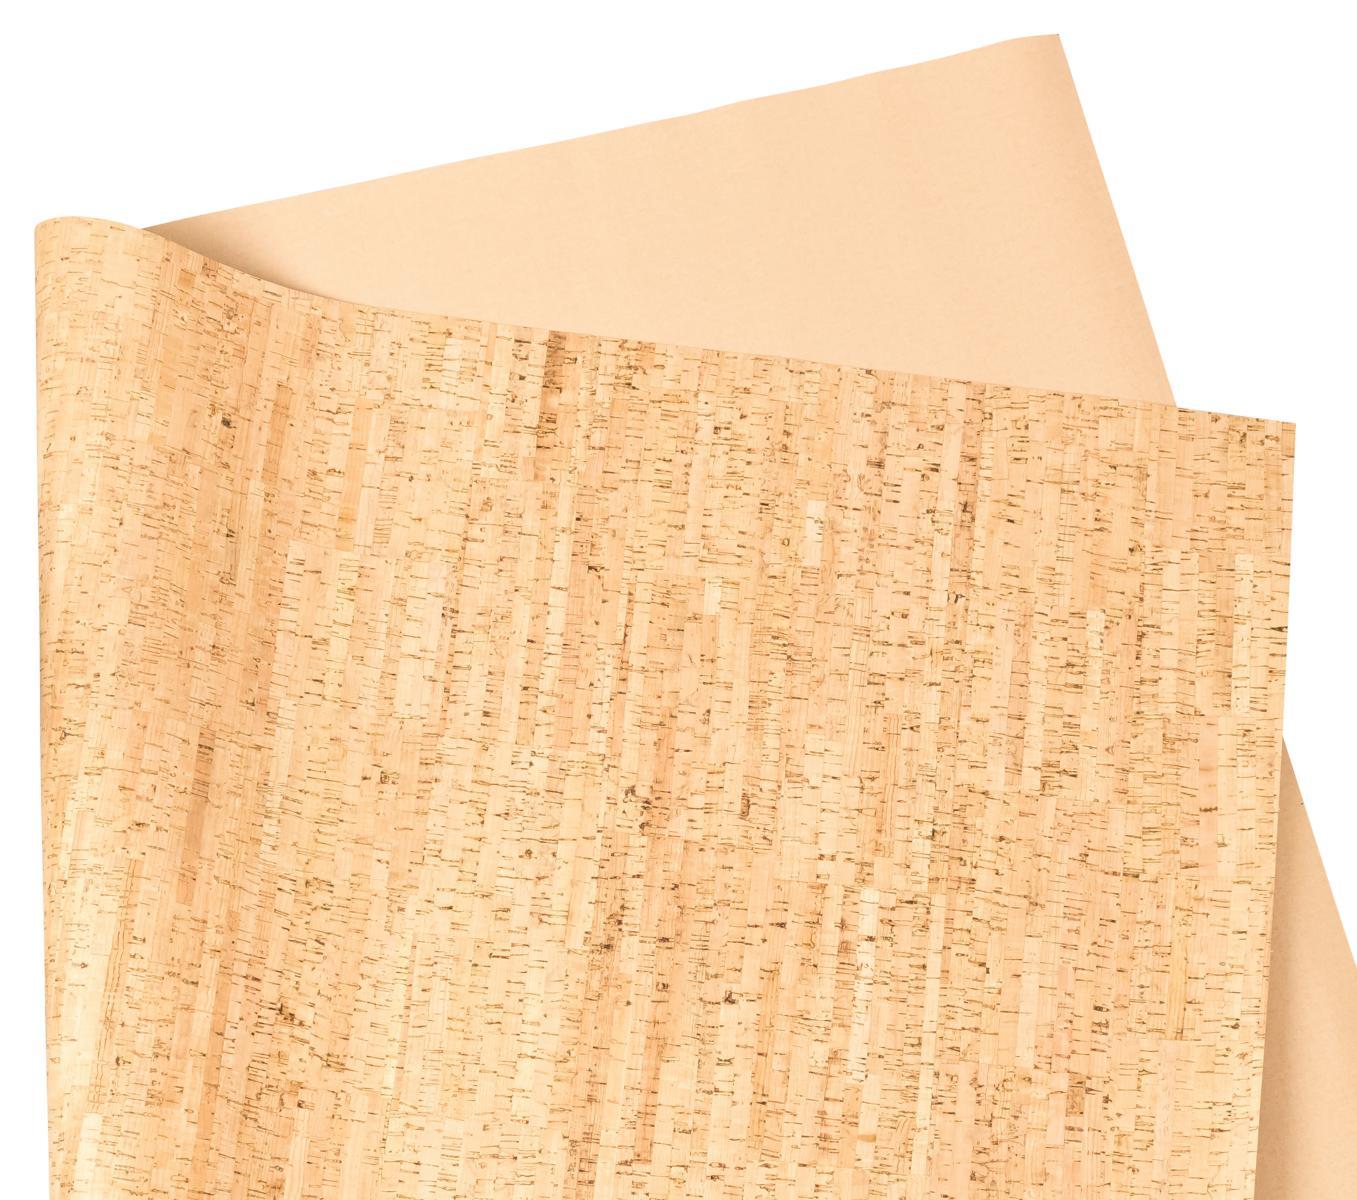 korkstoff stoff aus kork online kaufen meterware lfdm 70 cm breit kork. Black Bedroom Furniture Sets. Home Design Ideas